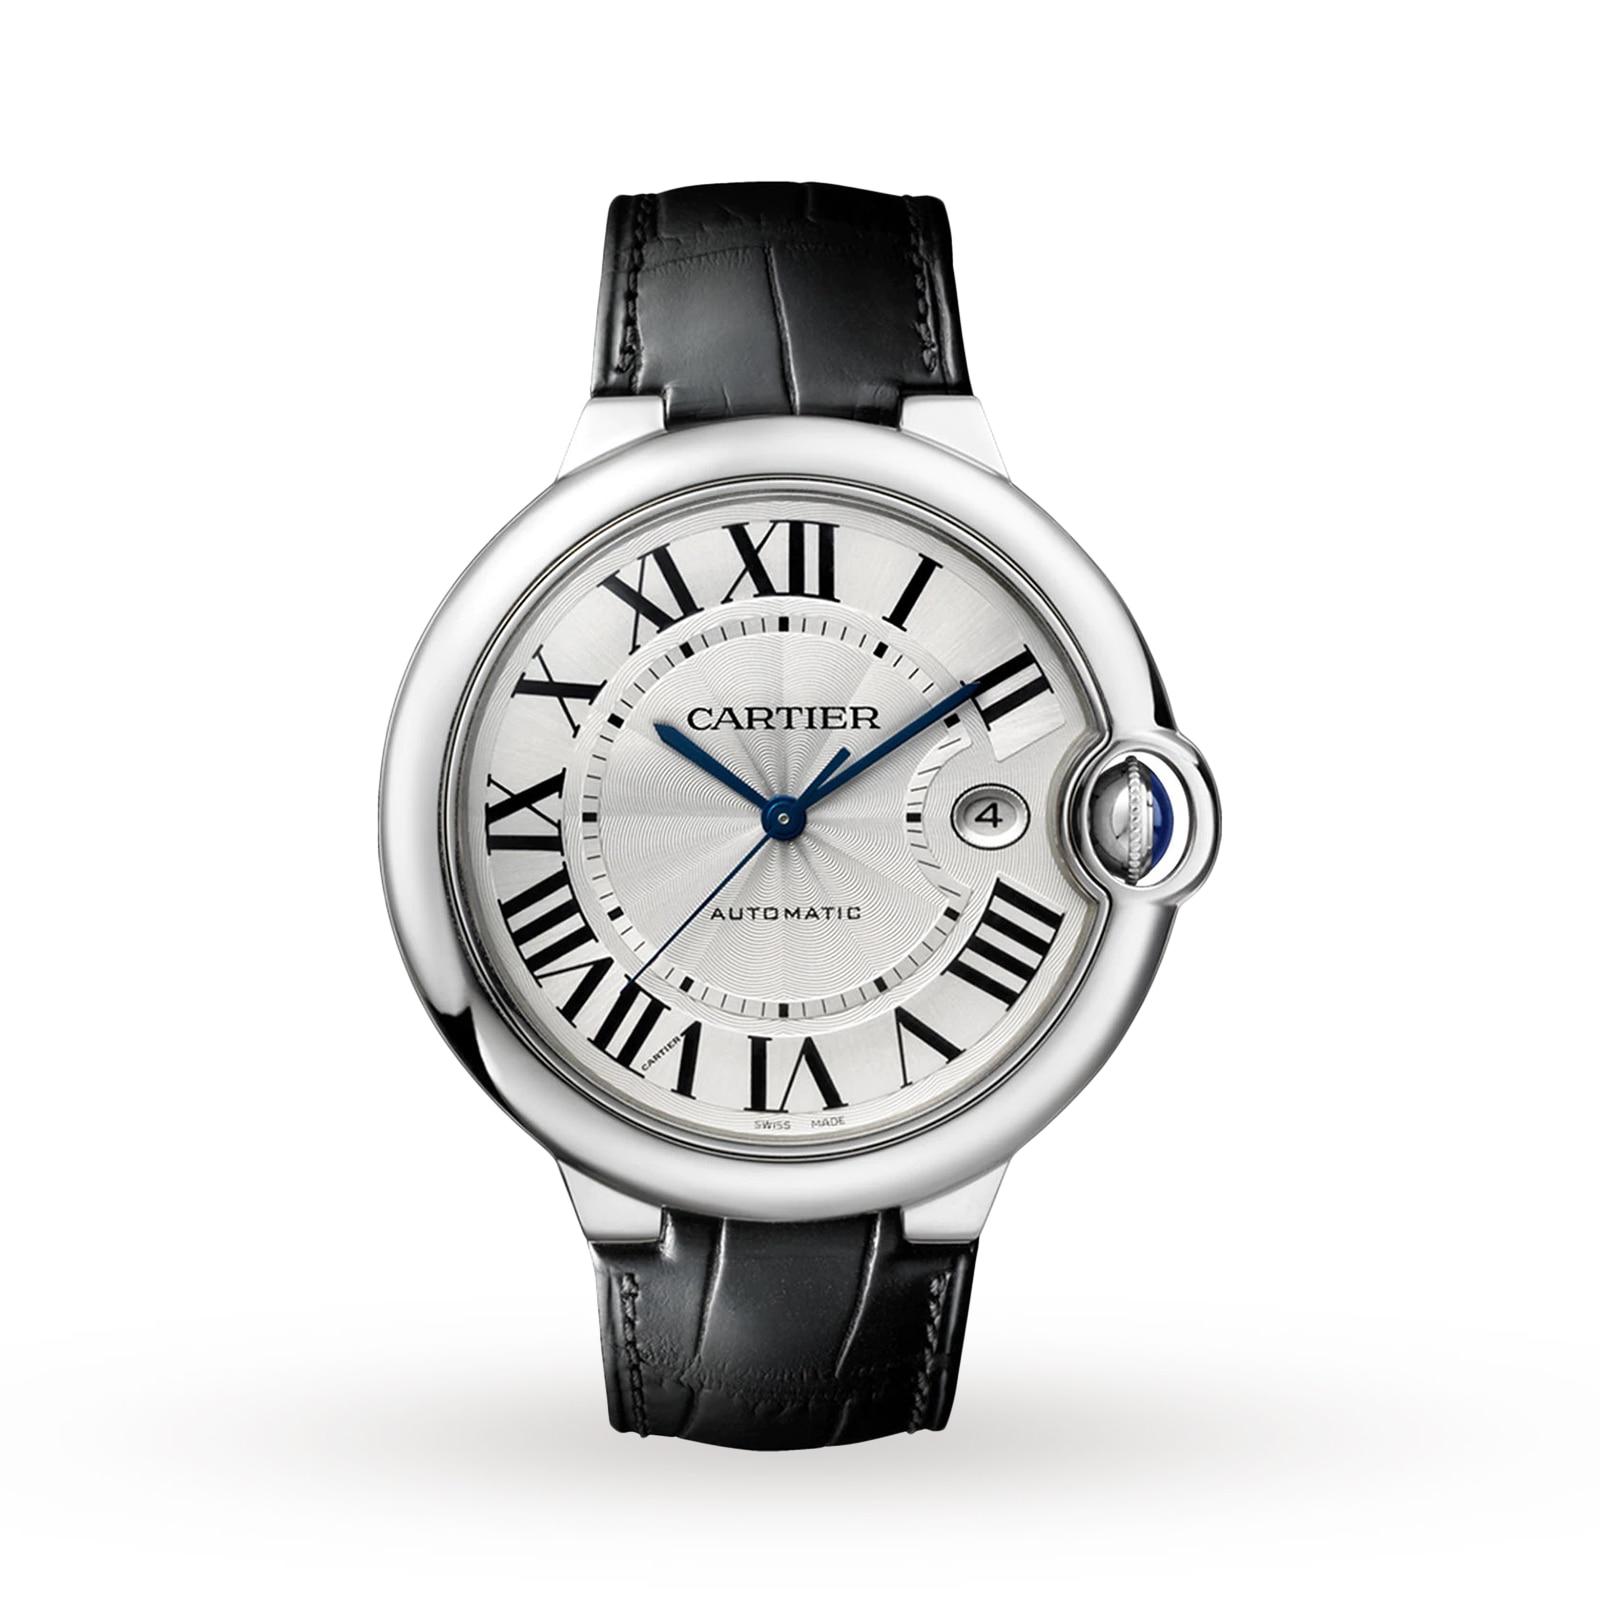 Cartier Ballon Bleu de Cartier watch, 42 mm, steel, leather